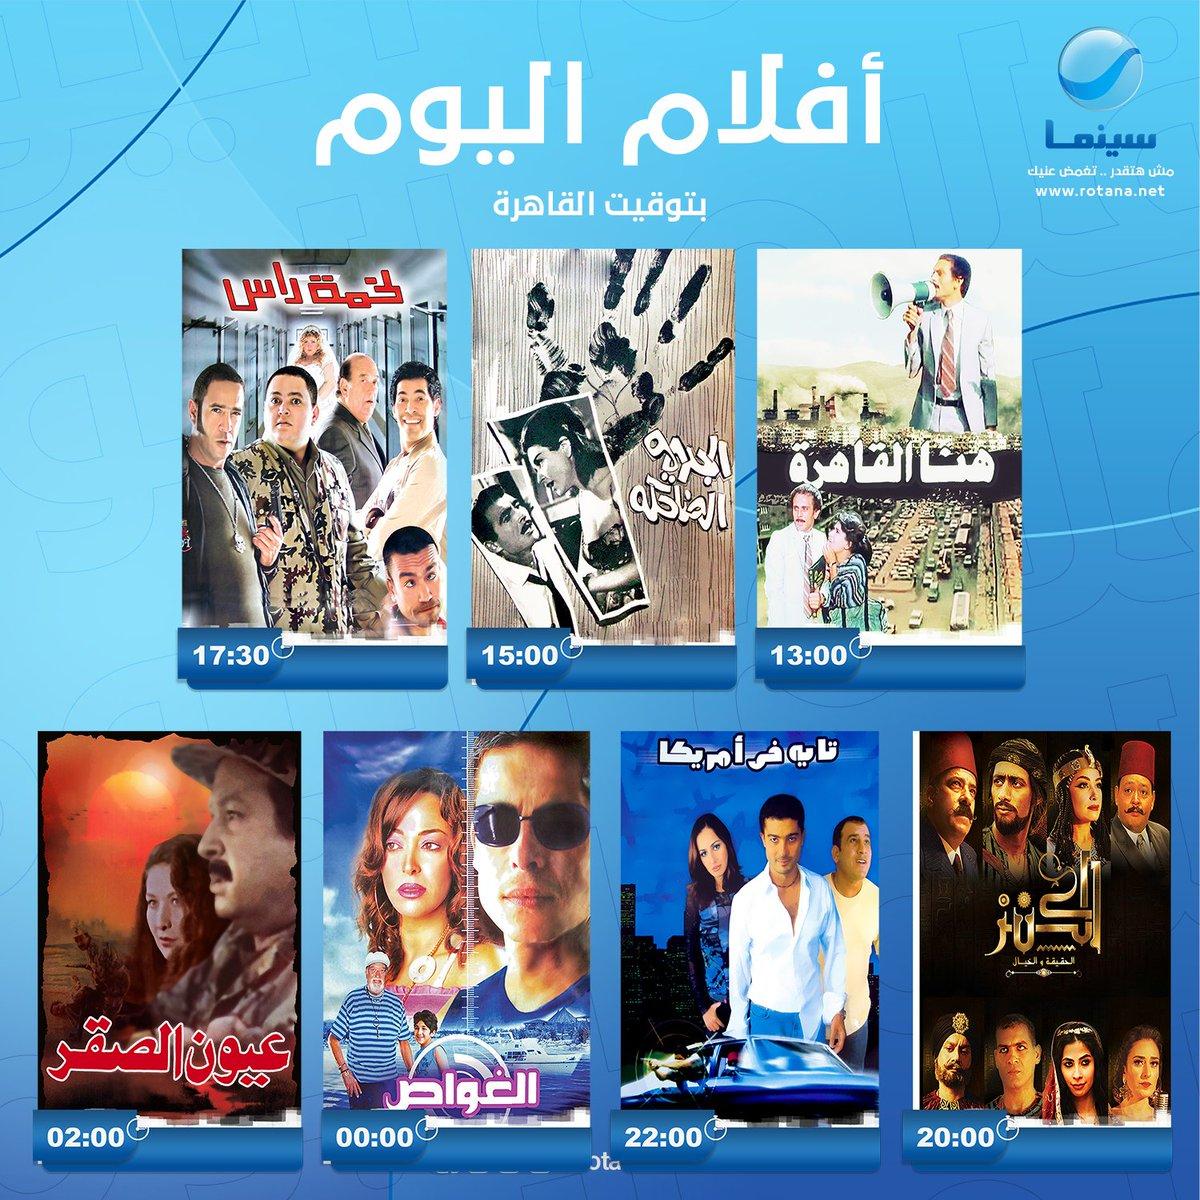 جدول افلام قناة روتانا سينما اليوم 24-4-2020